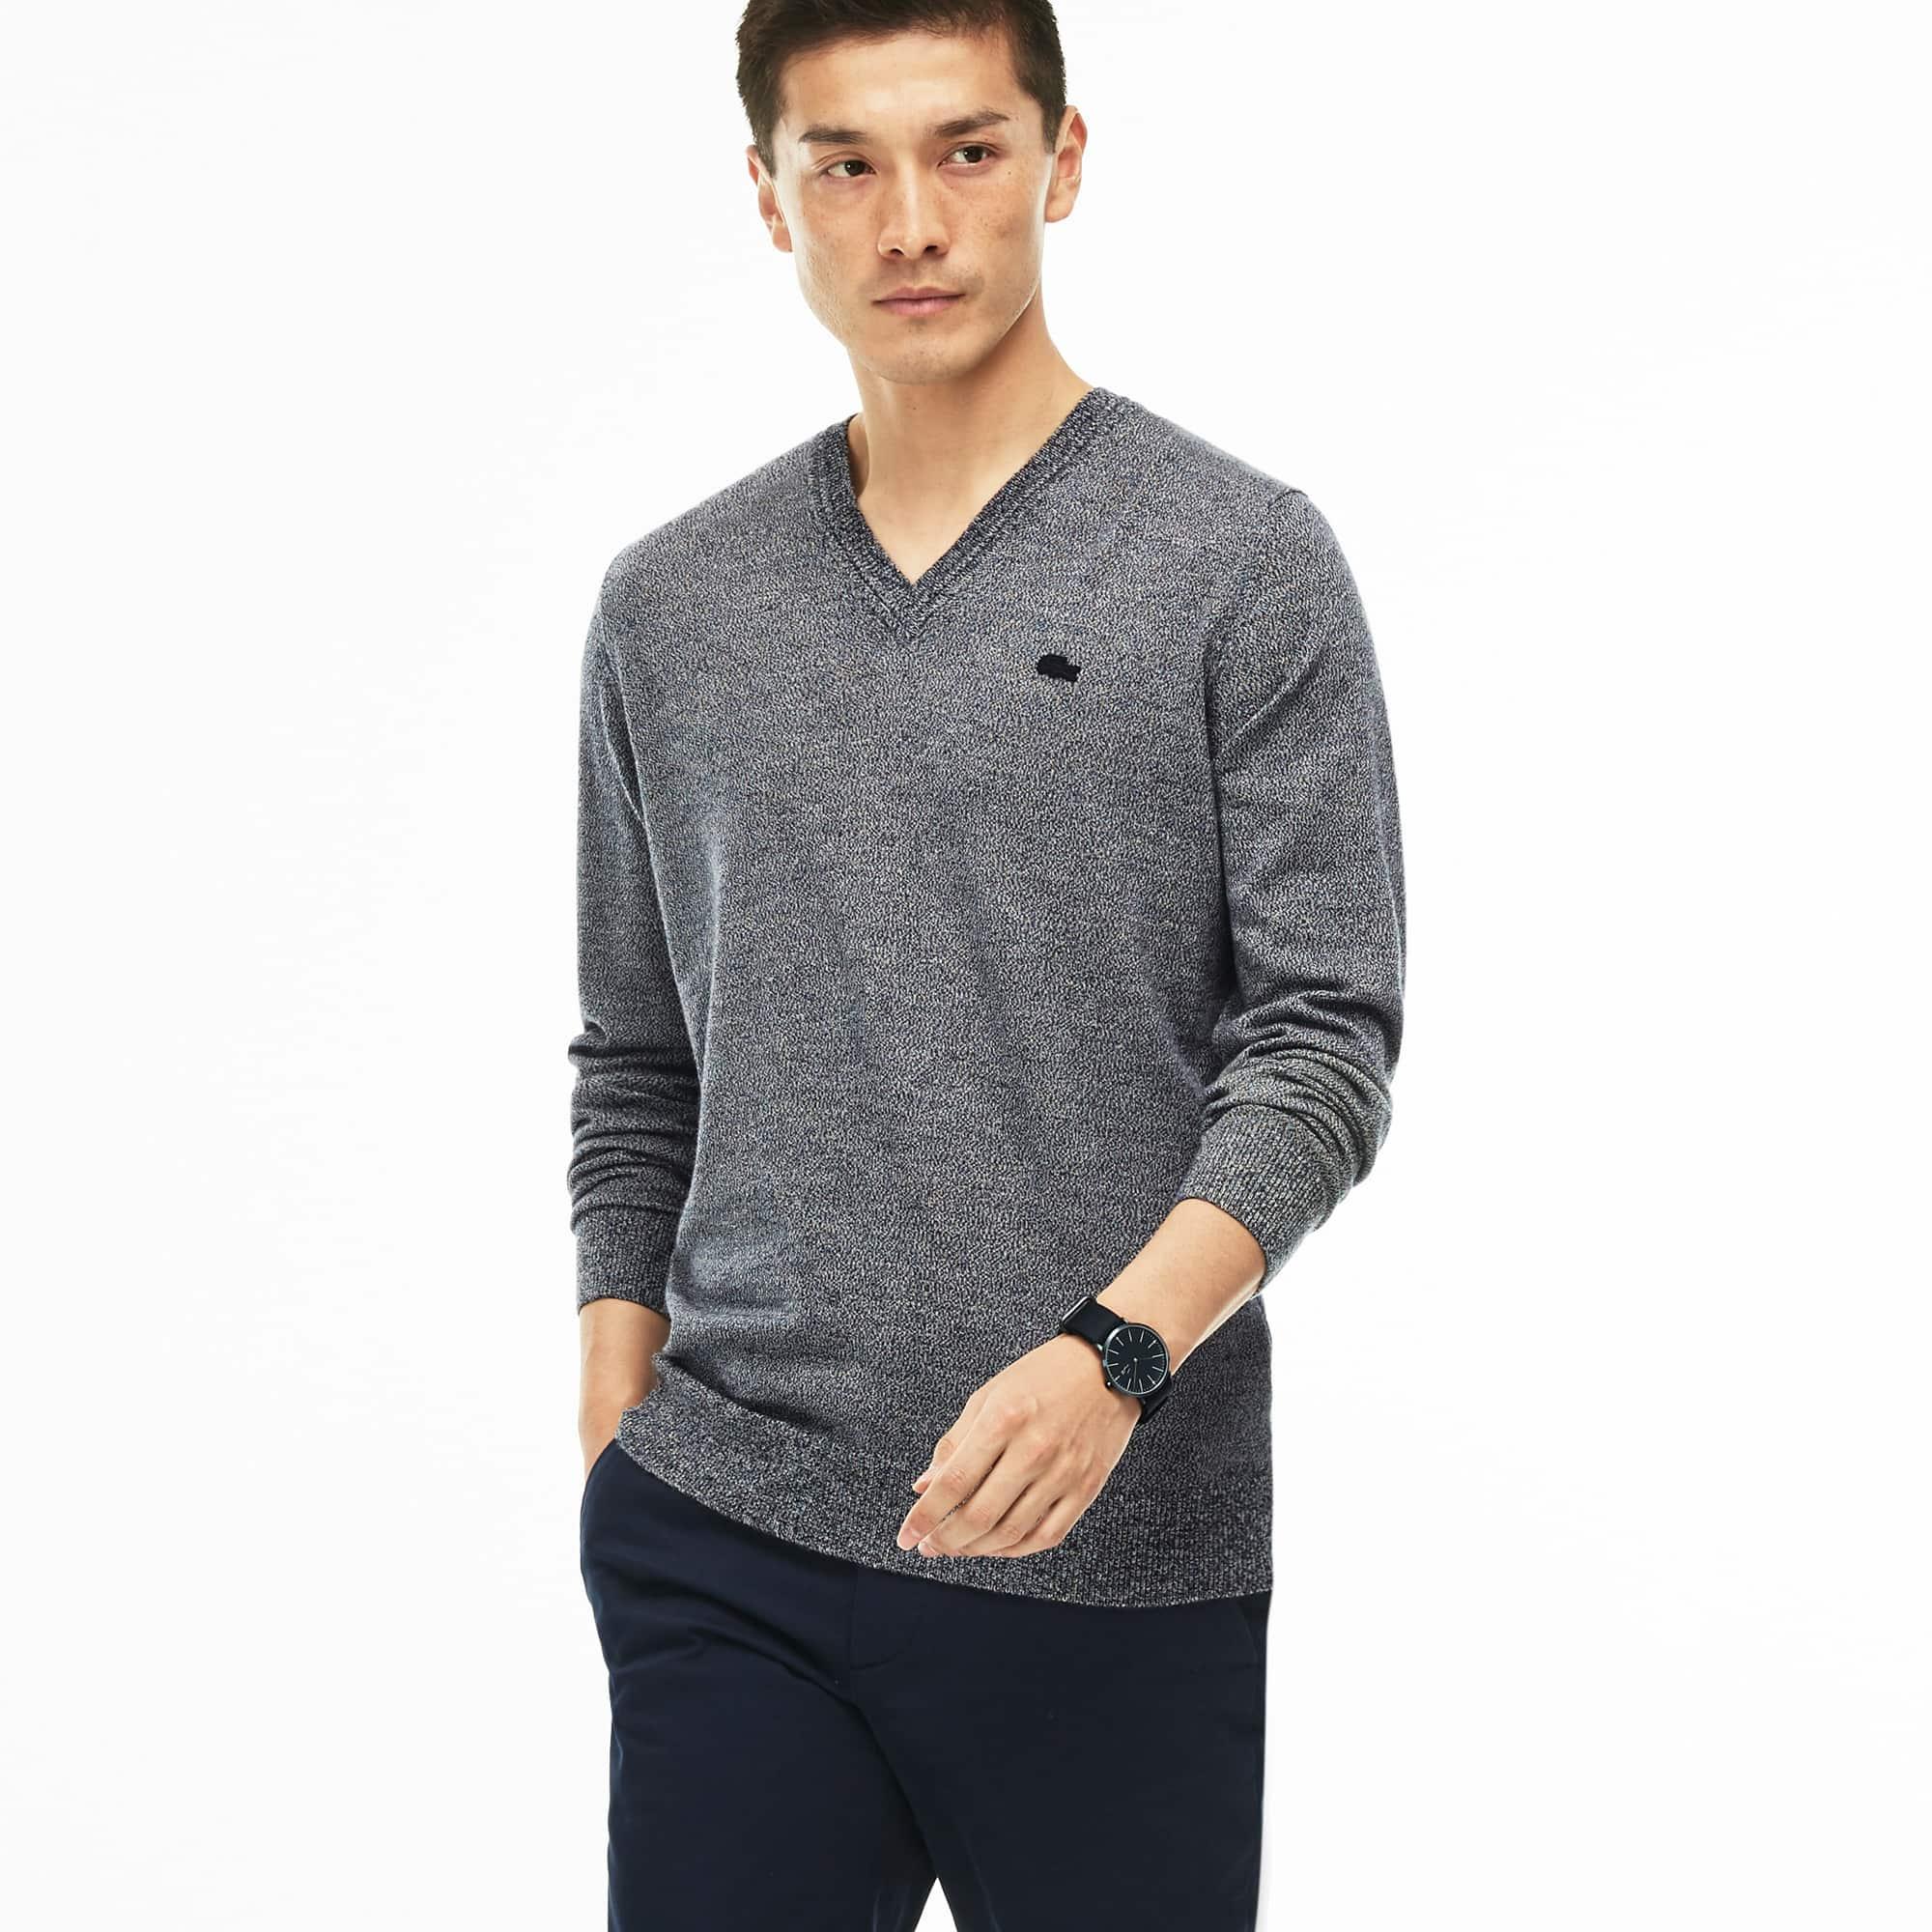 Camisola decote em V em jersey de lã unicolor